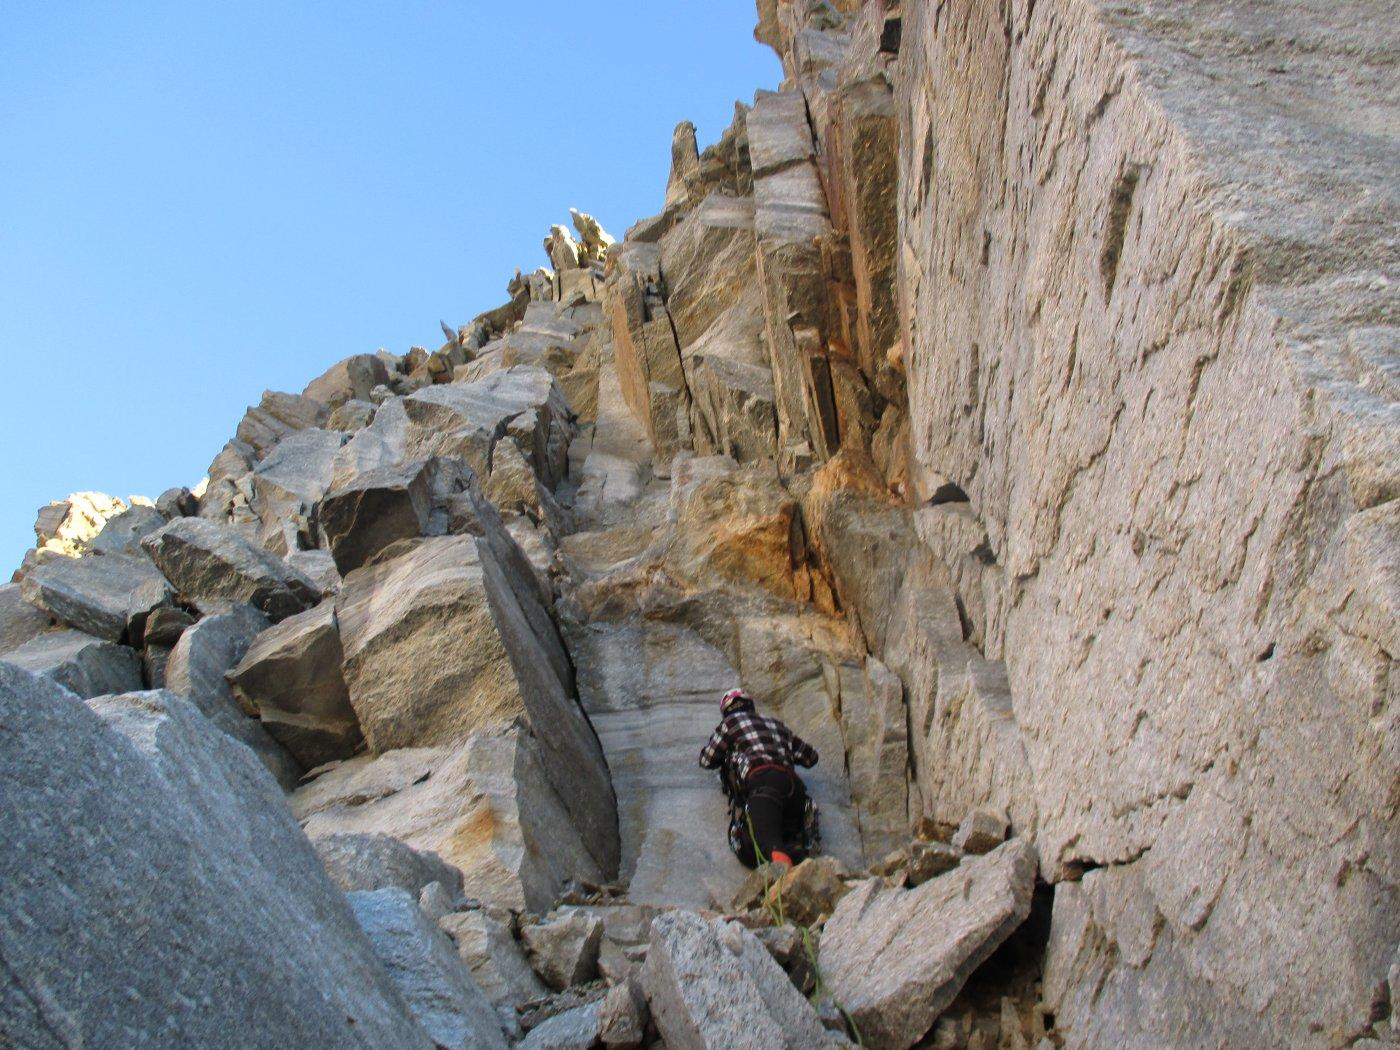 canale/parete per attaccare la cresta